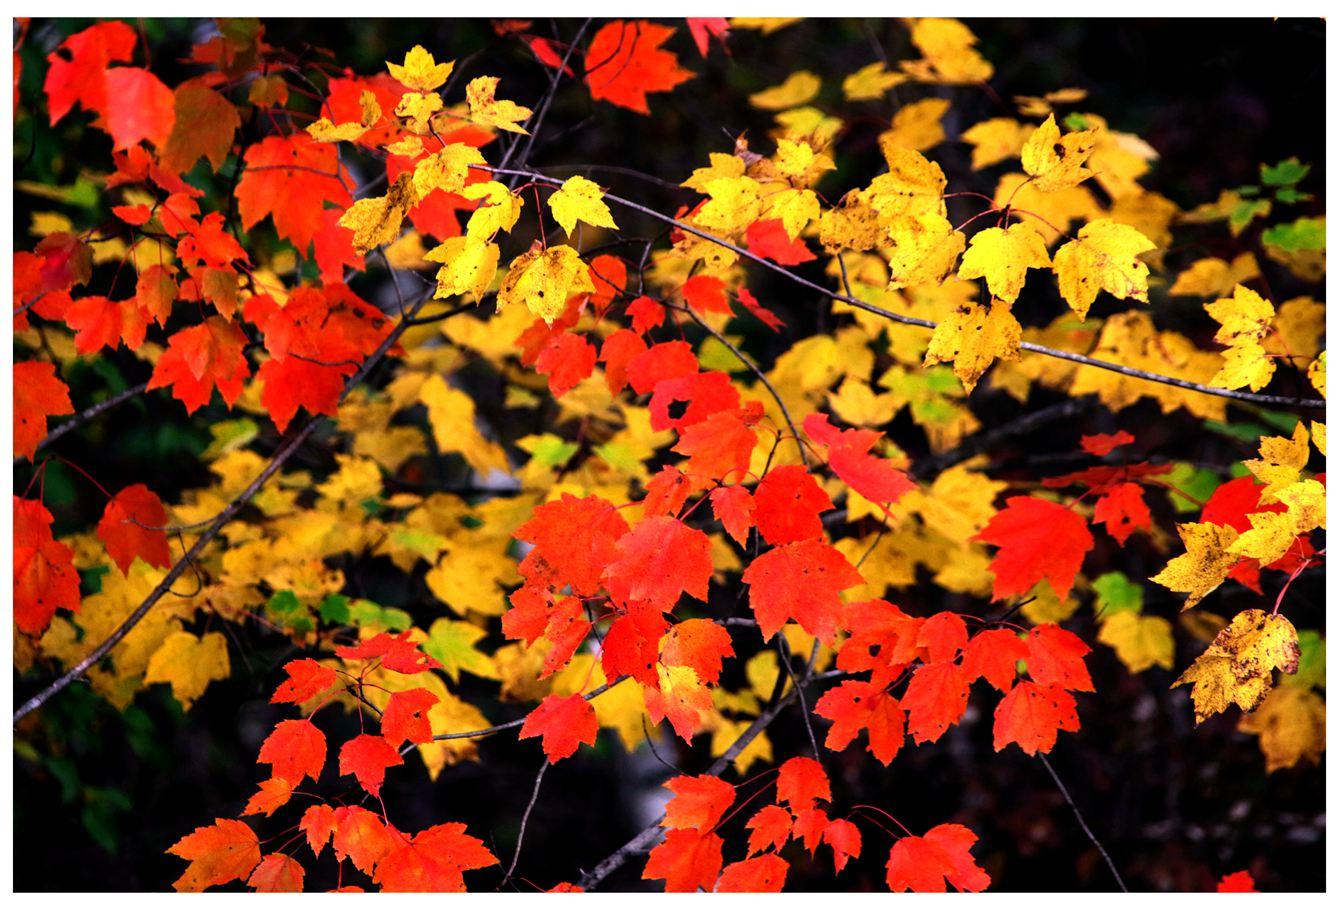 风光] 叶到红时勘比花—实拍美国东部深秋红叶_图1-9